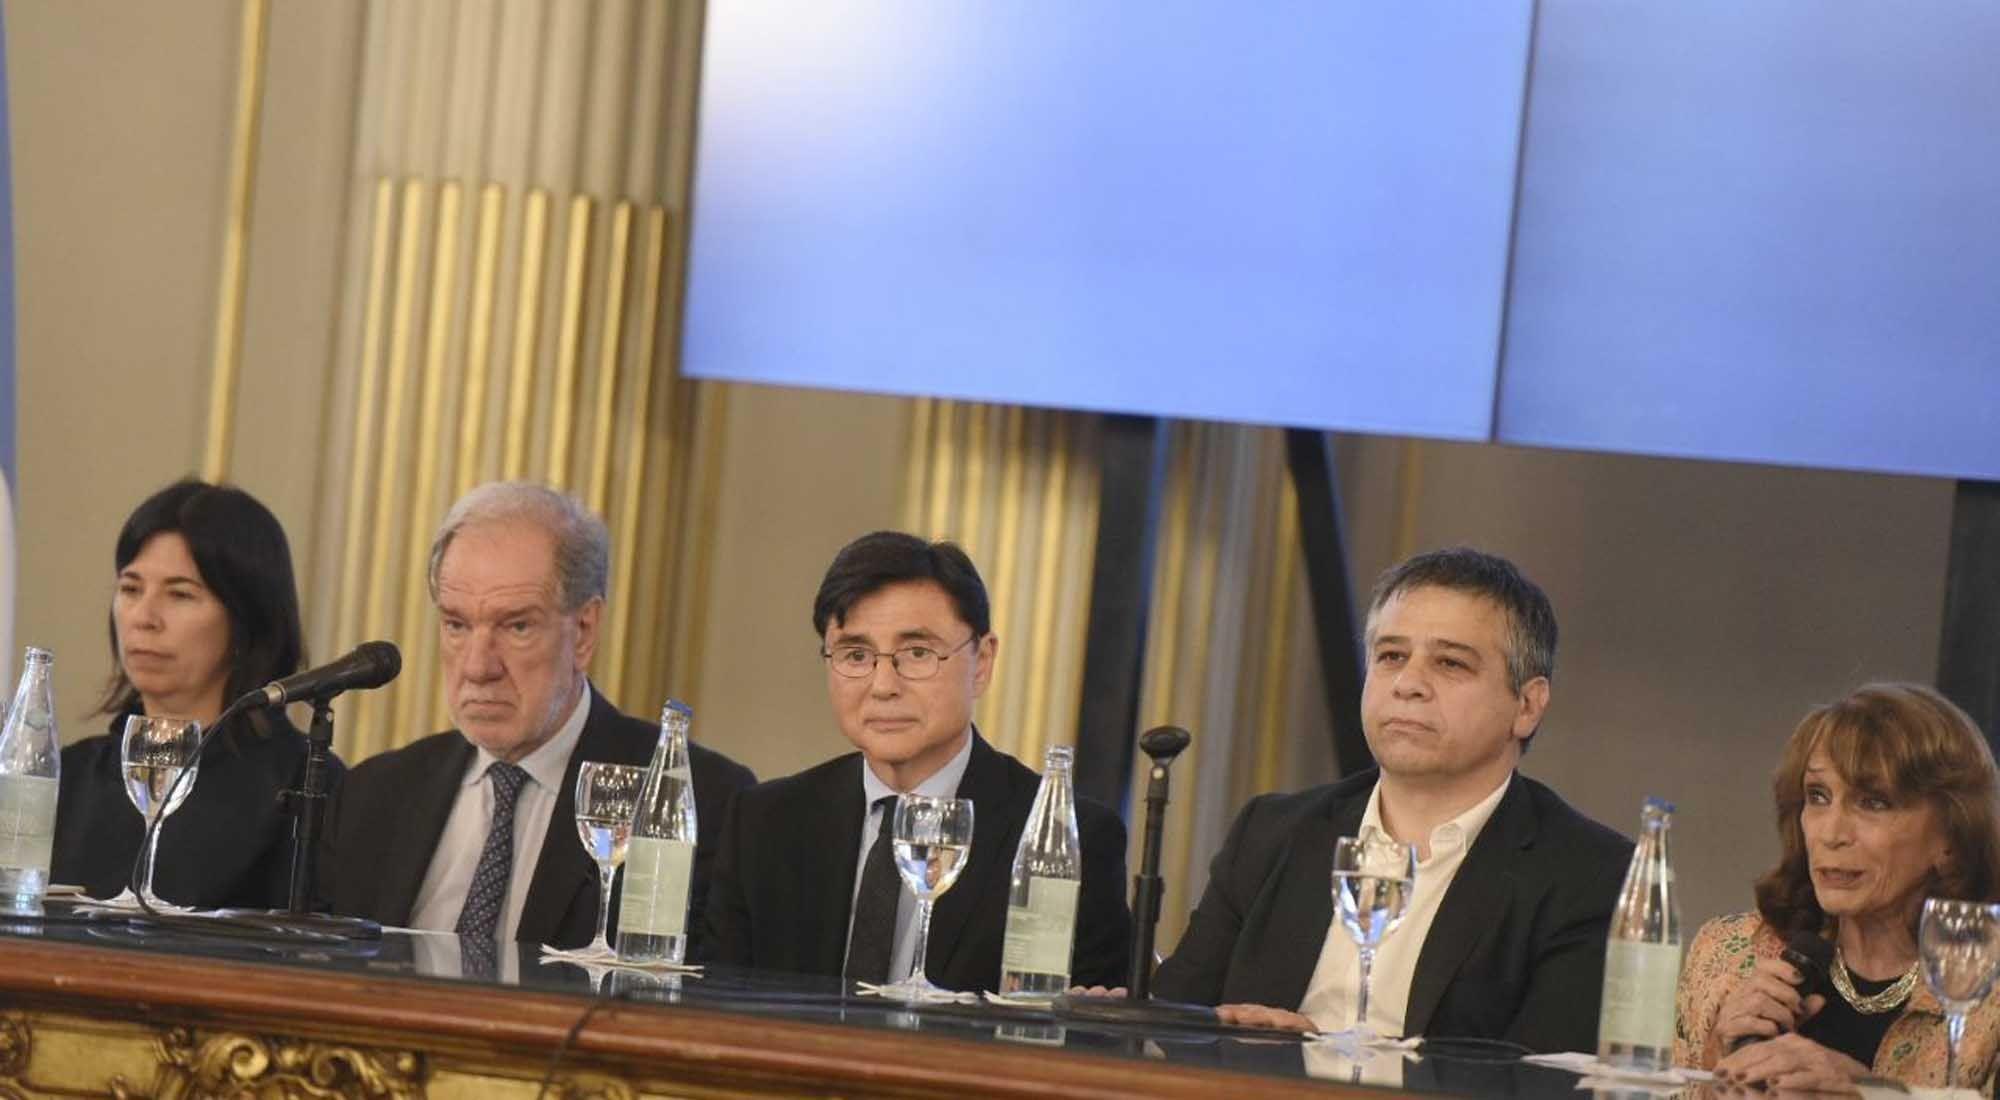 Referentes de la política y la cultura presentes en el reconocimiento a Jorge Fontevecchia